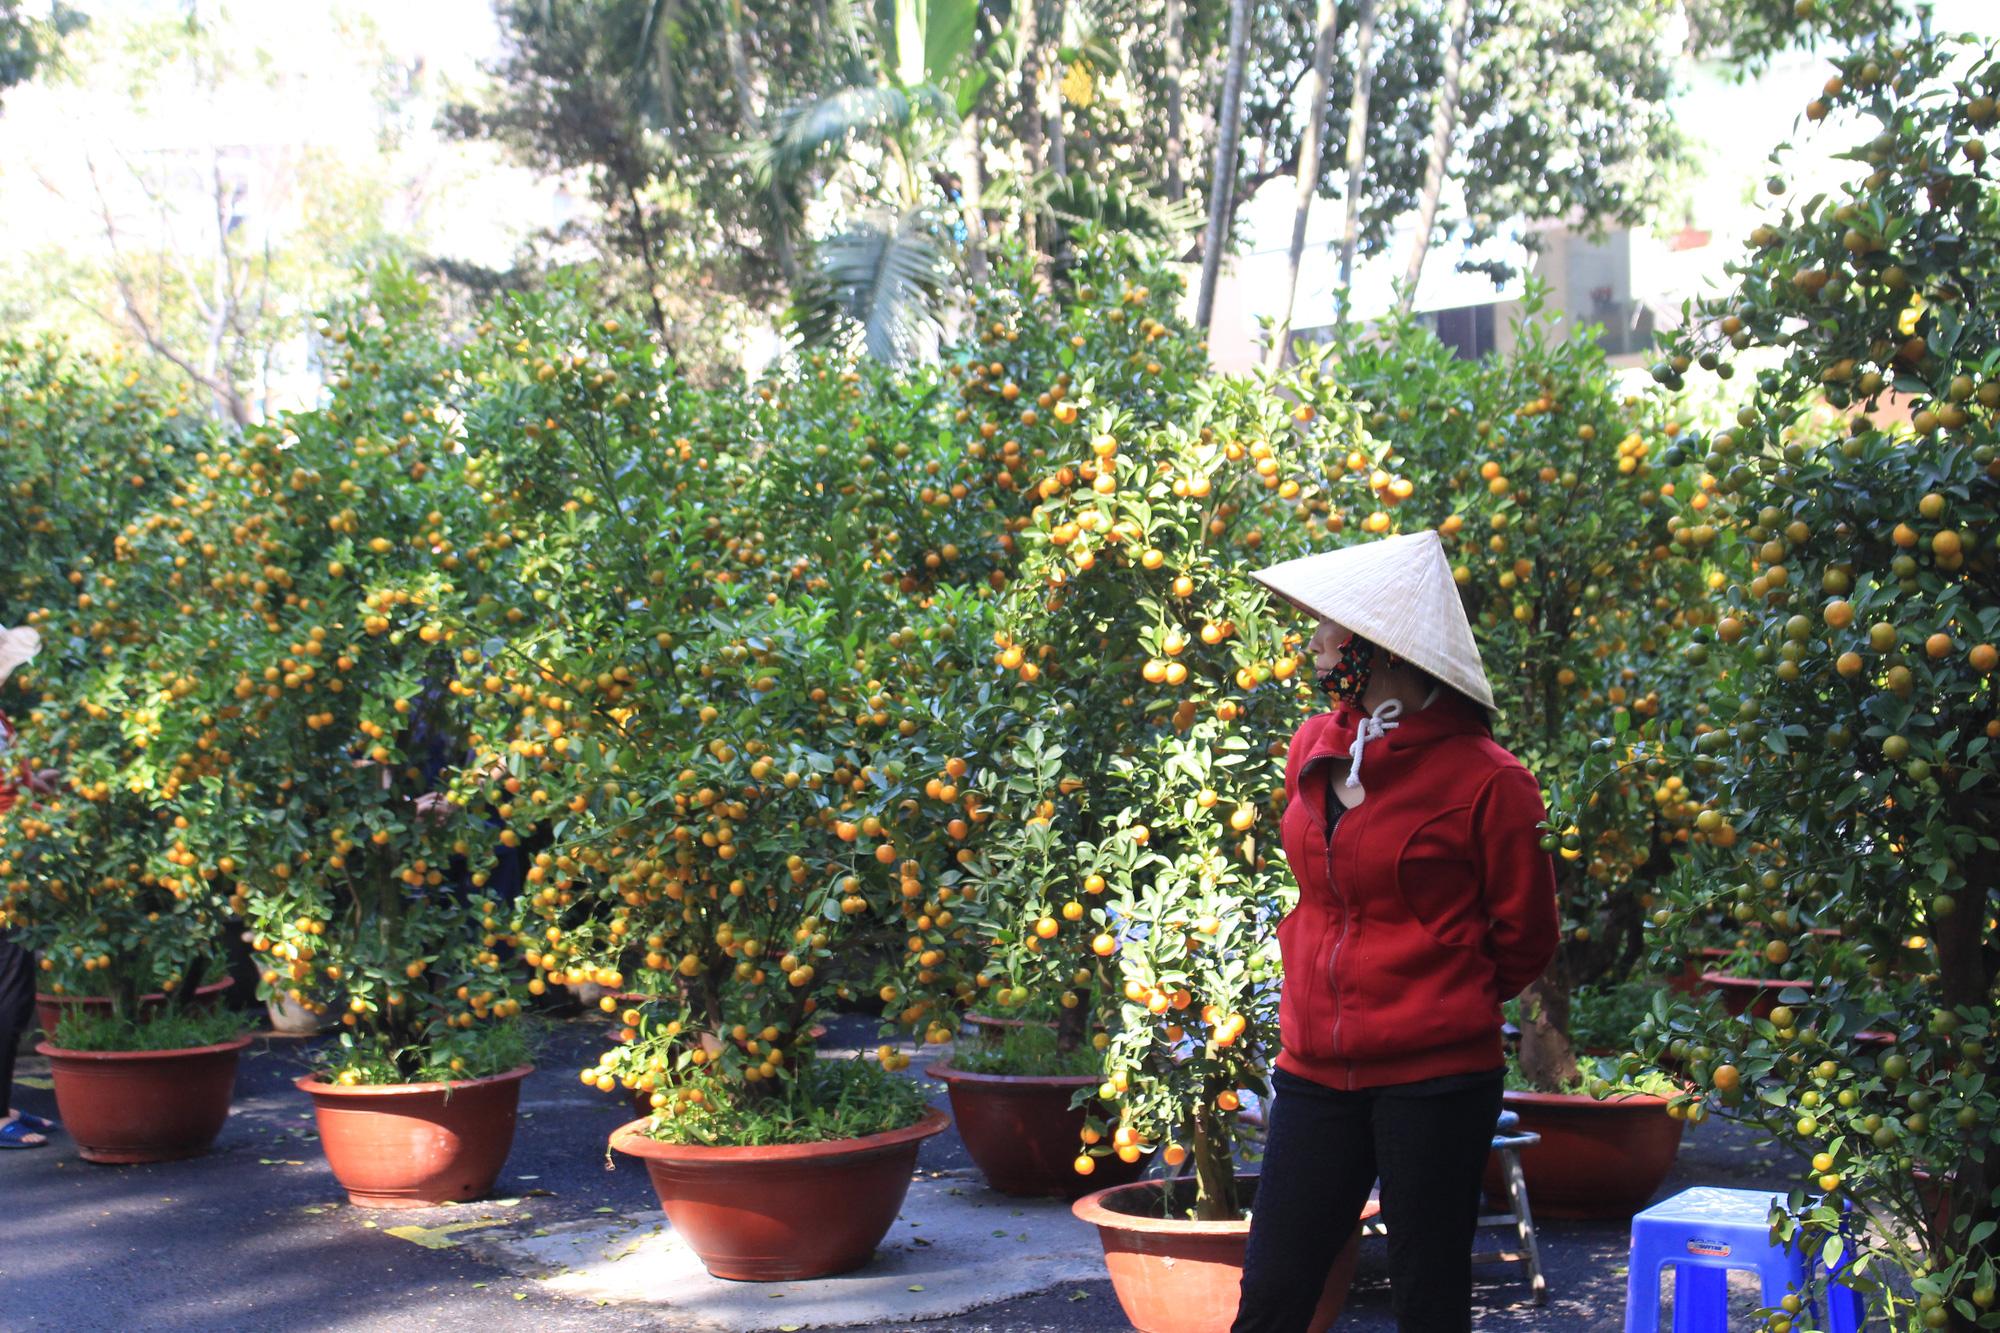 Mai, đào, tắc tiền triệu tại chợ hoa Sài Gòn ngóng người mua, có nhà vườn treo biển đồng giá 100.000 đồng mỗi chậu - Ảnh 8.